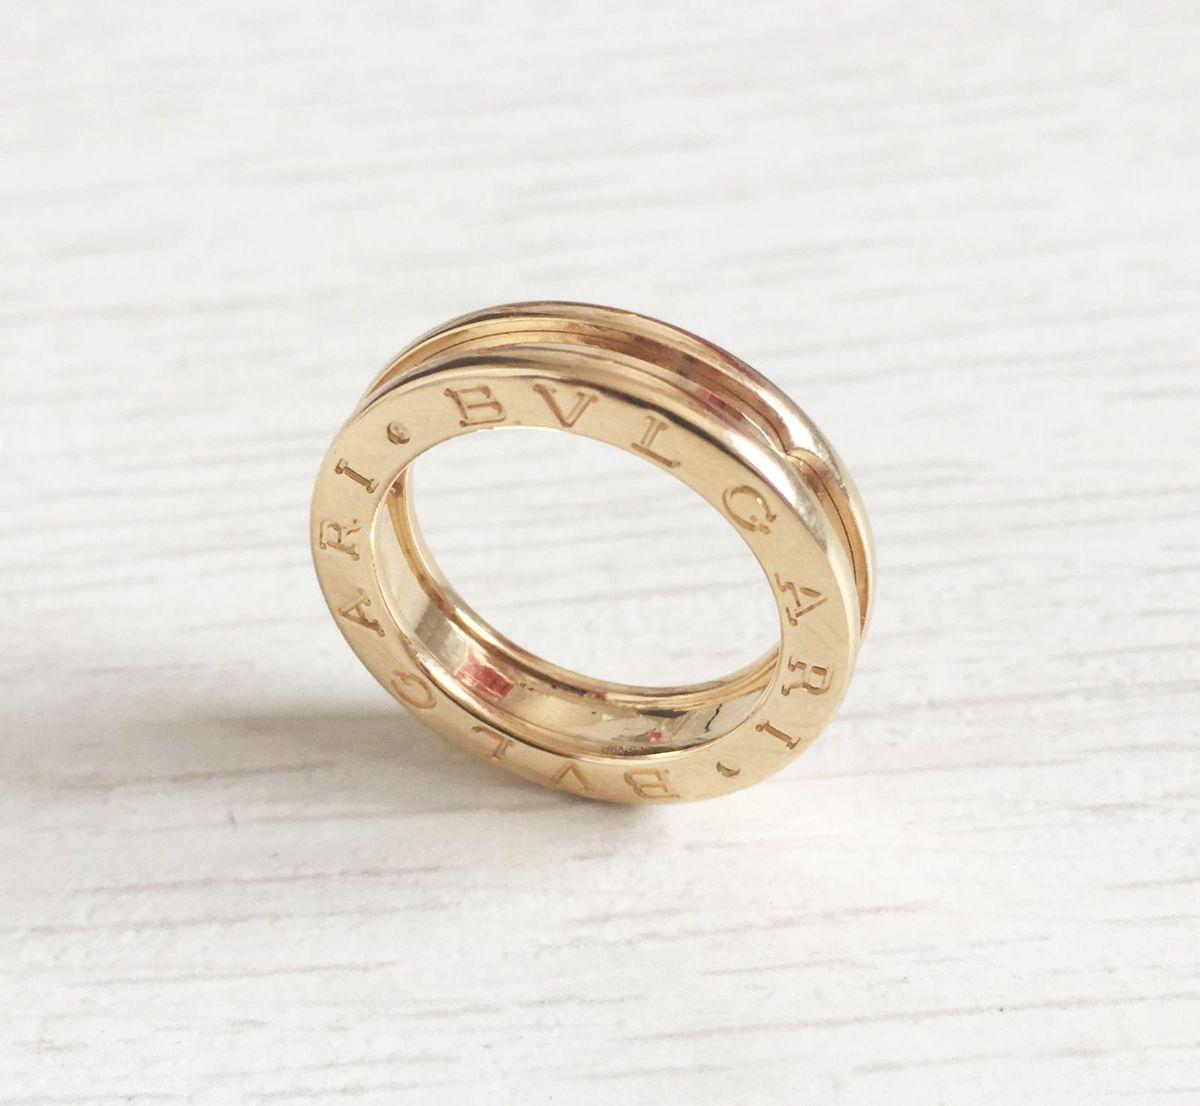 fd15f4765db anel bulgari - b. zero 1 ouro amarelo 18k - jóias bvlgari